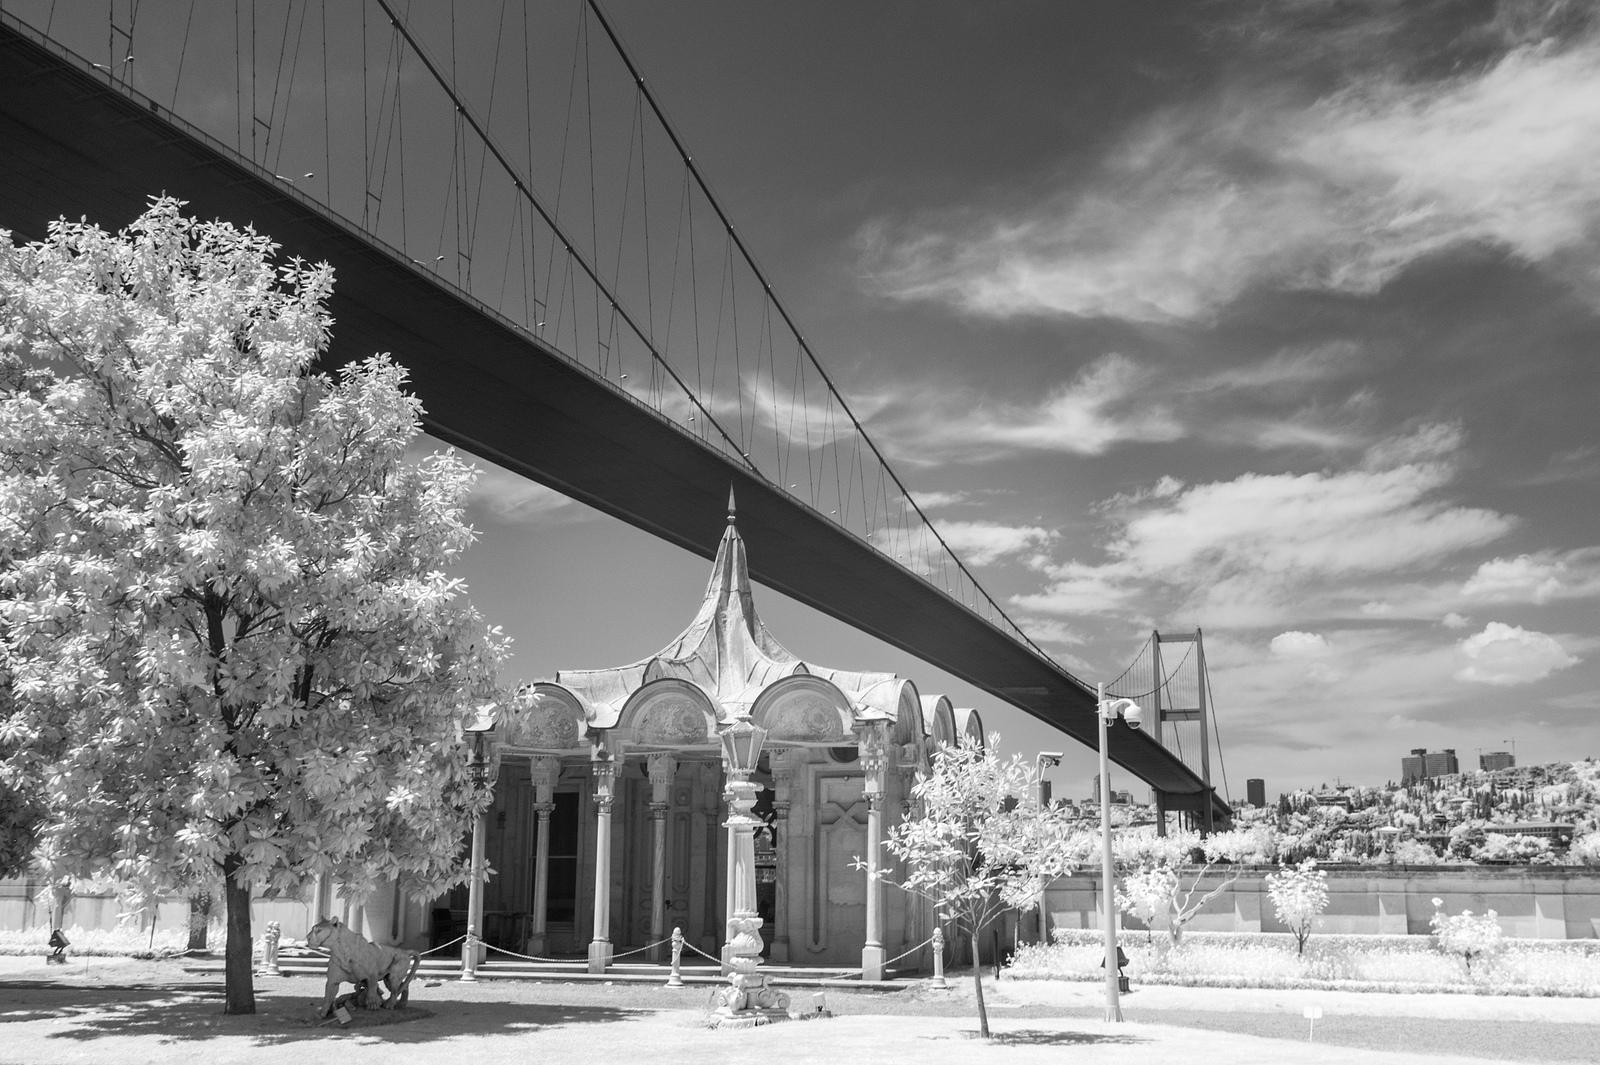 201305 Istanbul - Bosporus Brücke und Beylerbey Schlossgarten